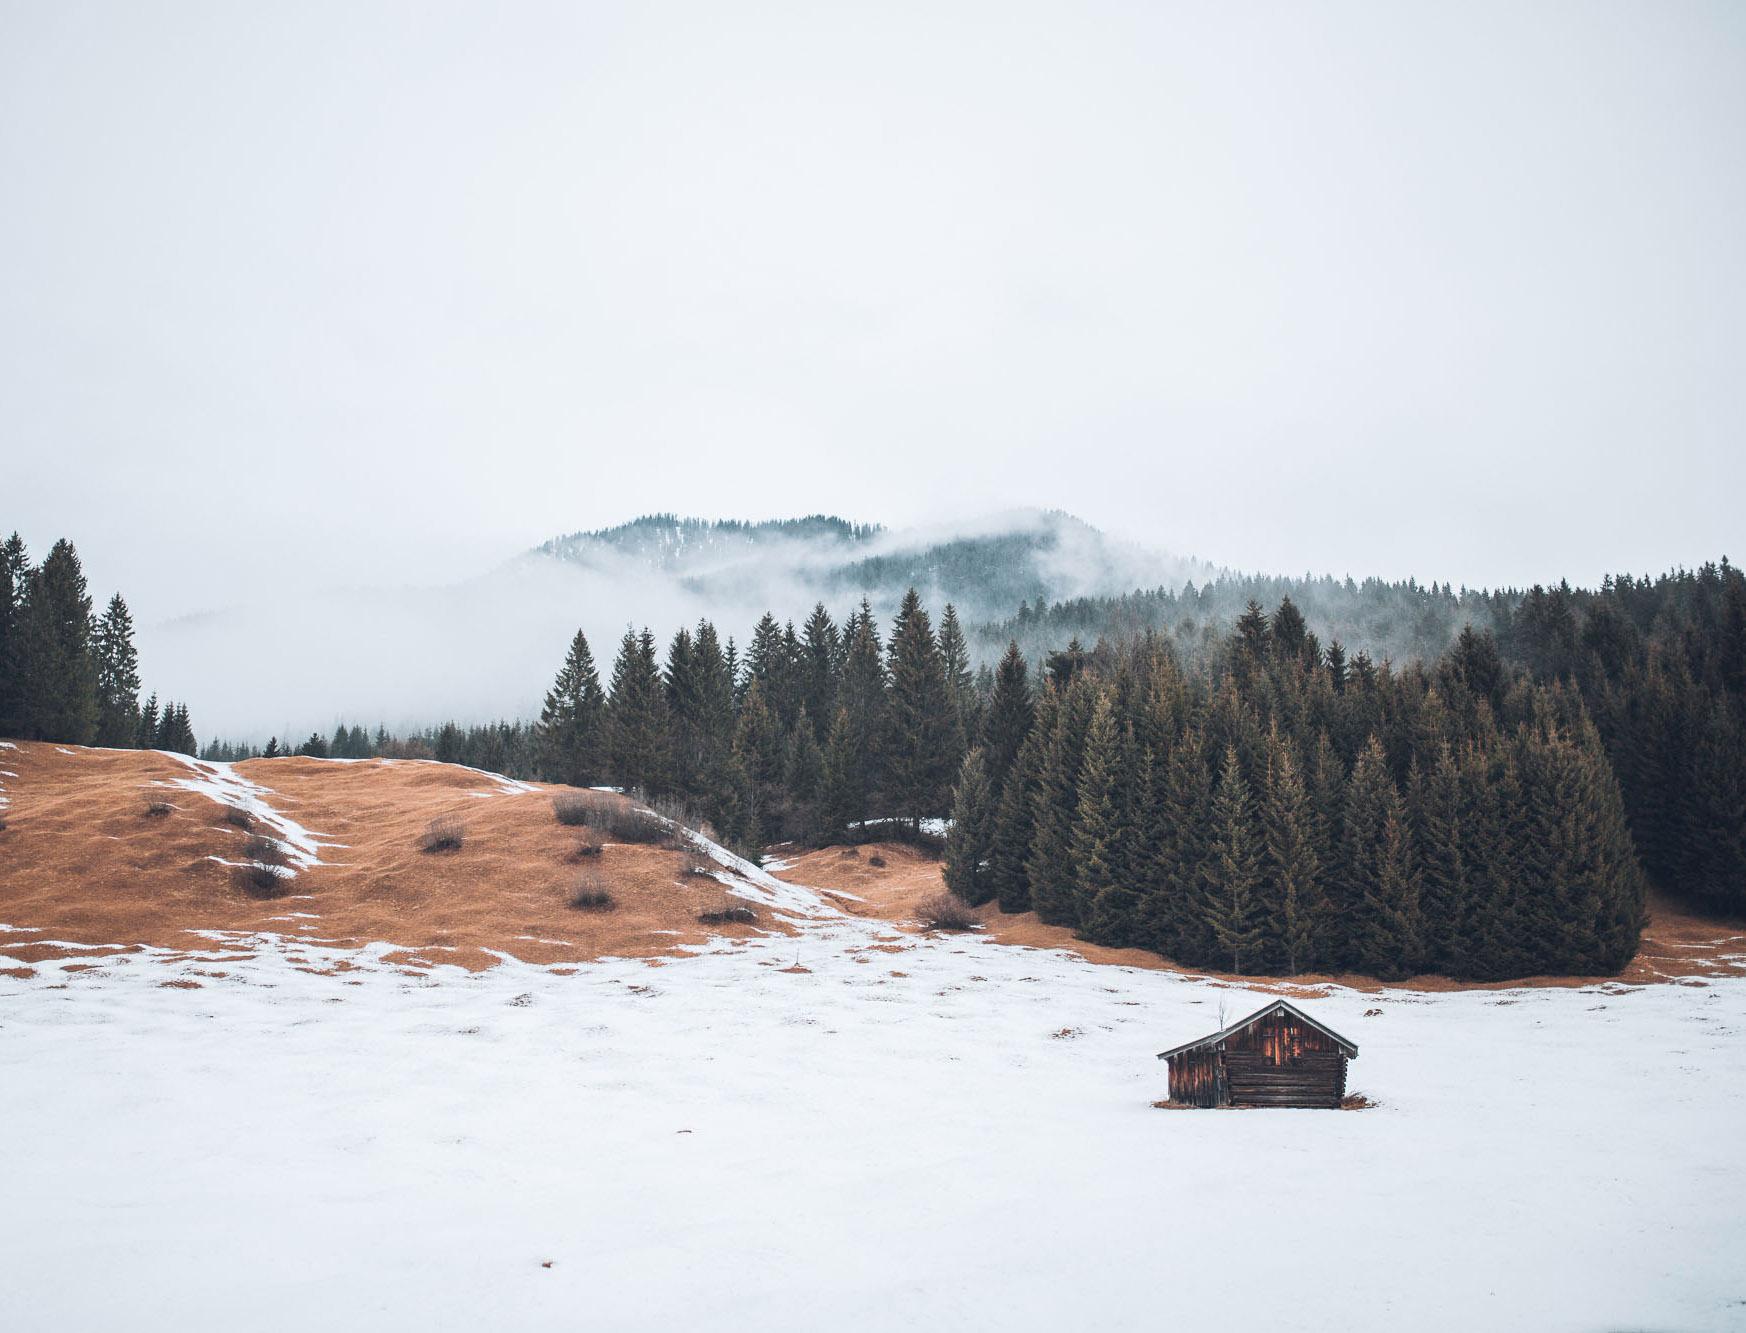 Hütte im Schnee © Alina Schessler